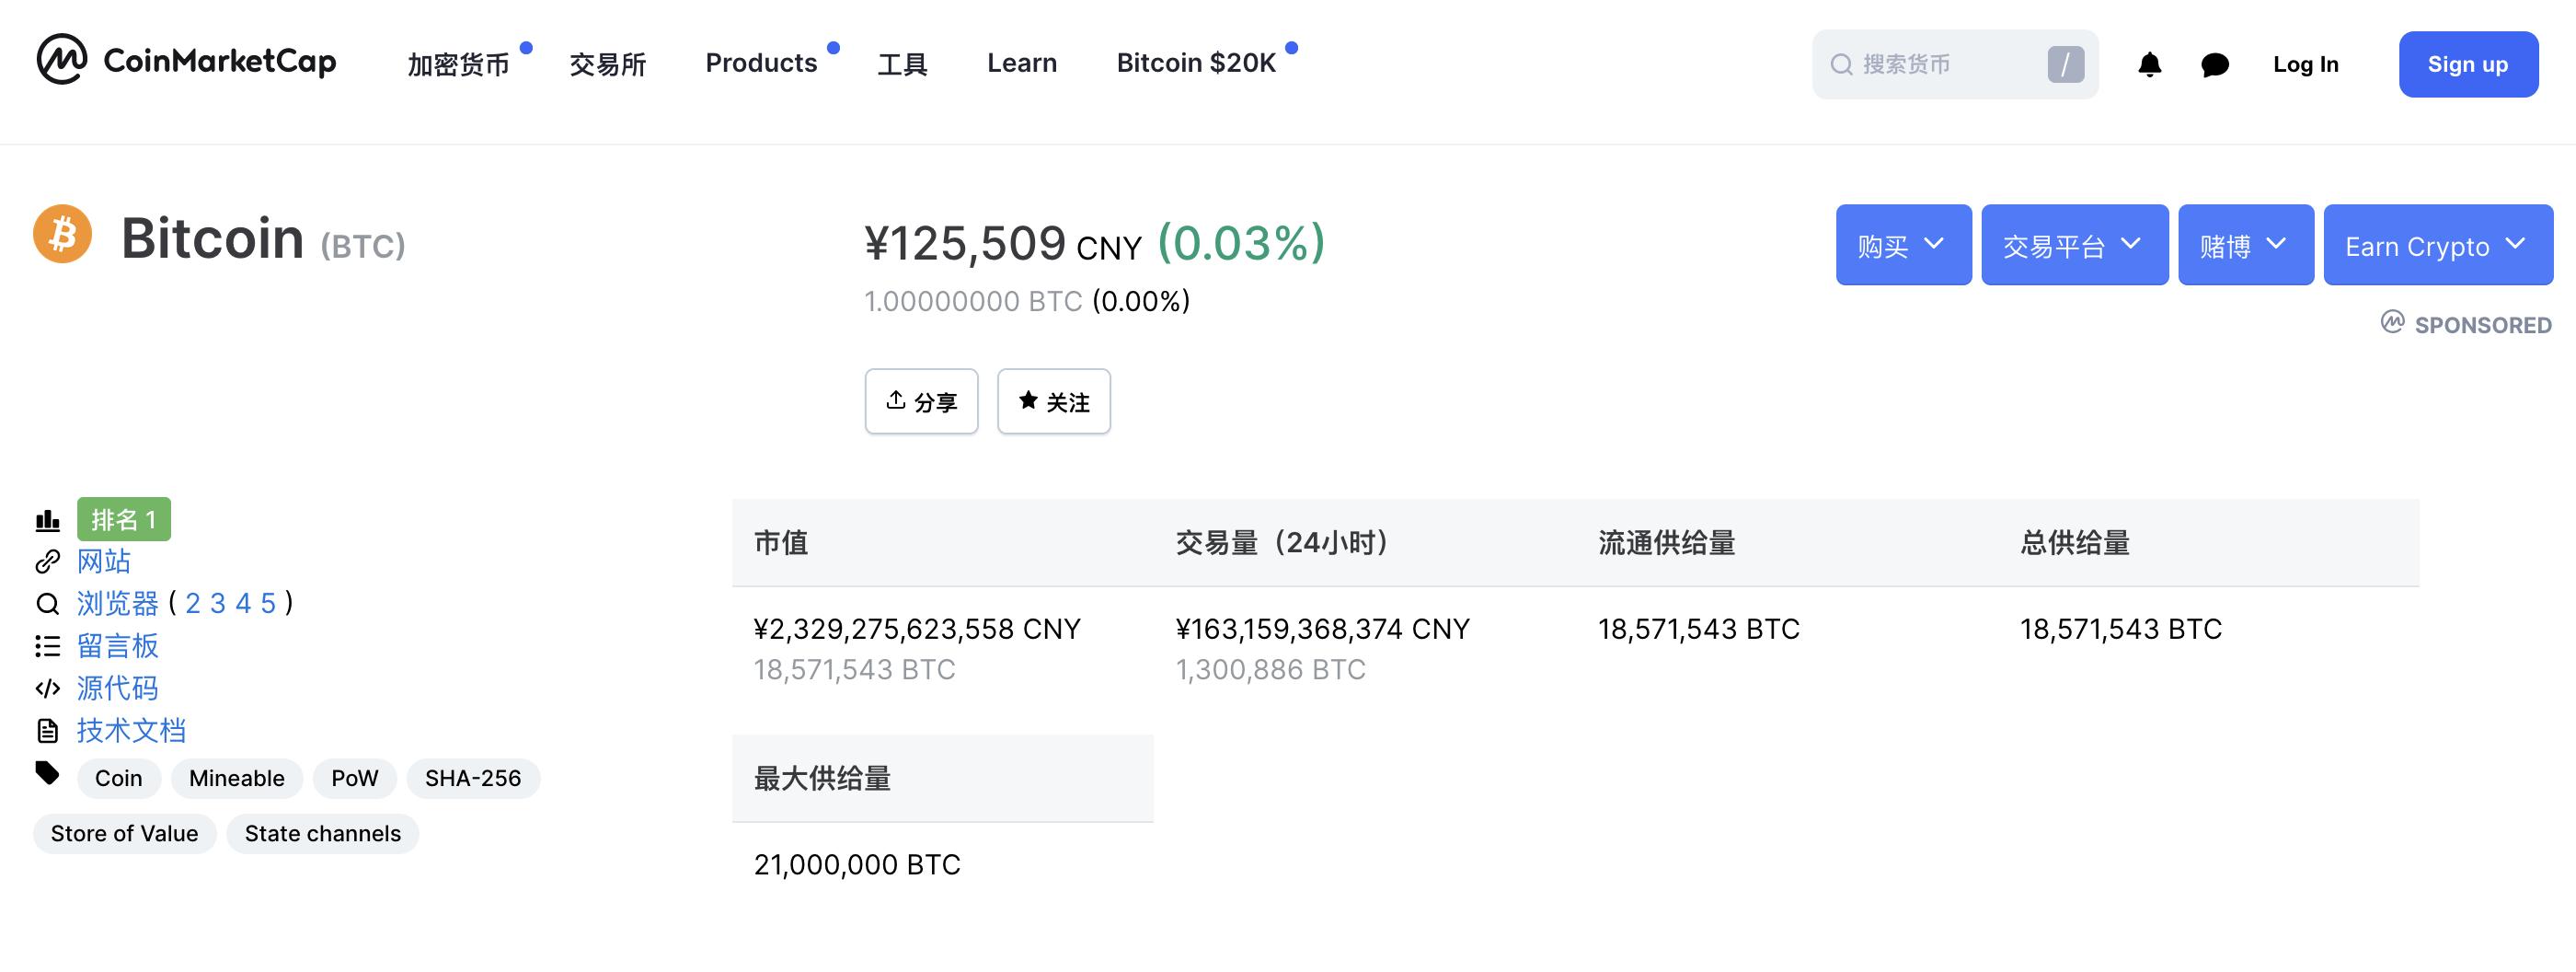 来源:https://coinmarketcap.com/zh/currencies/bitcoin/